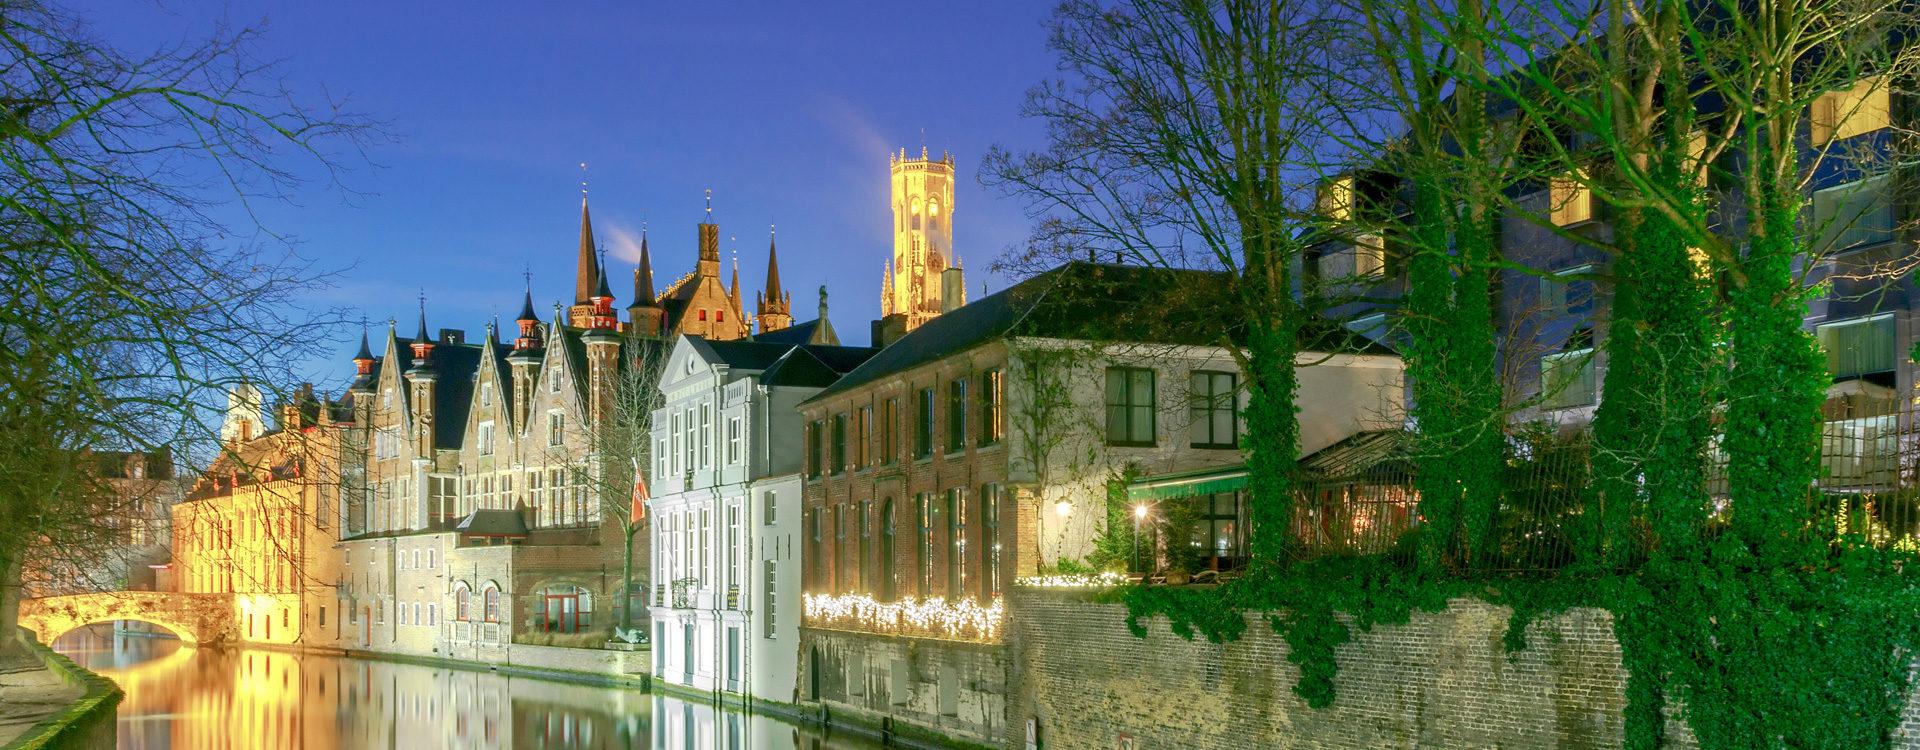 Bruges - Hotel Albert 1